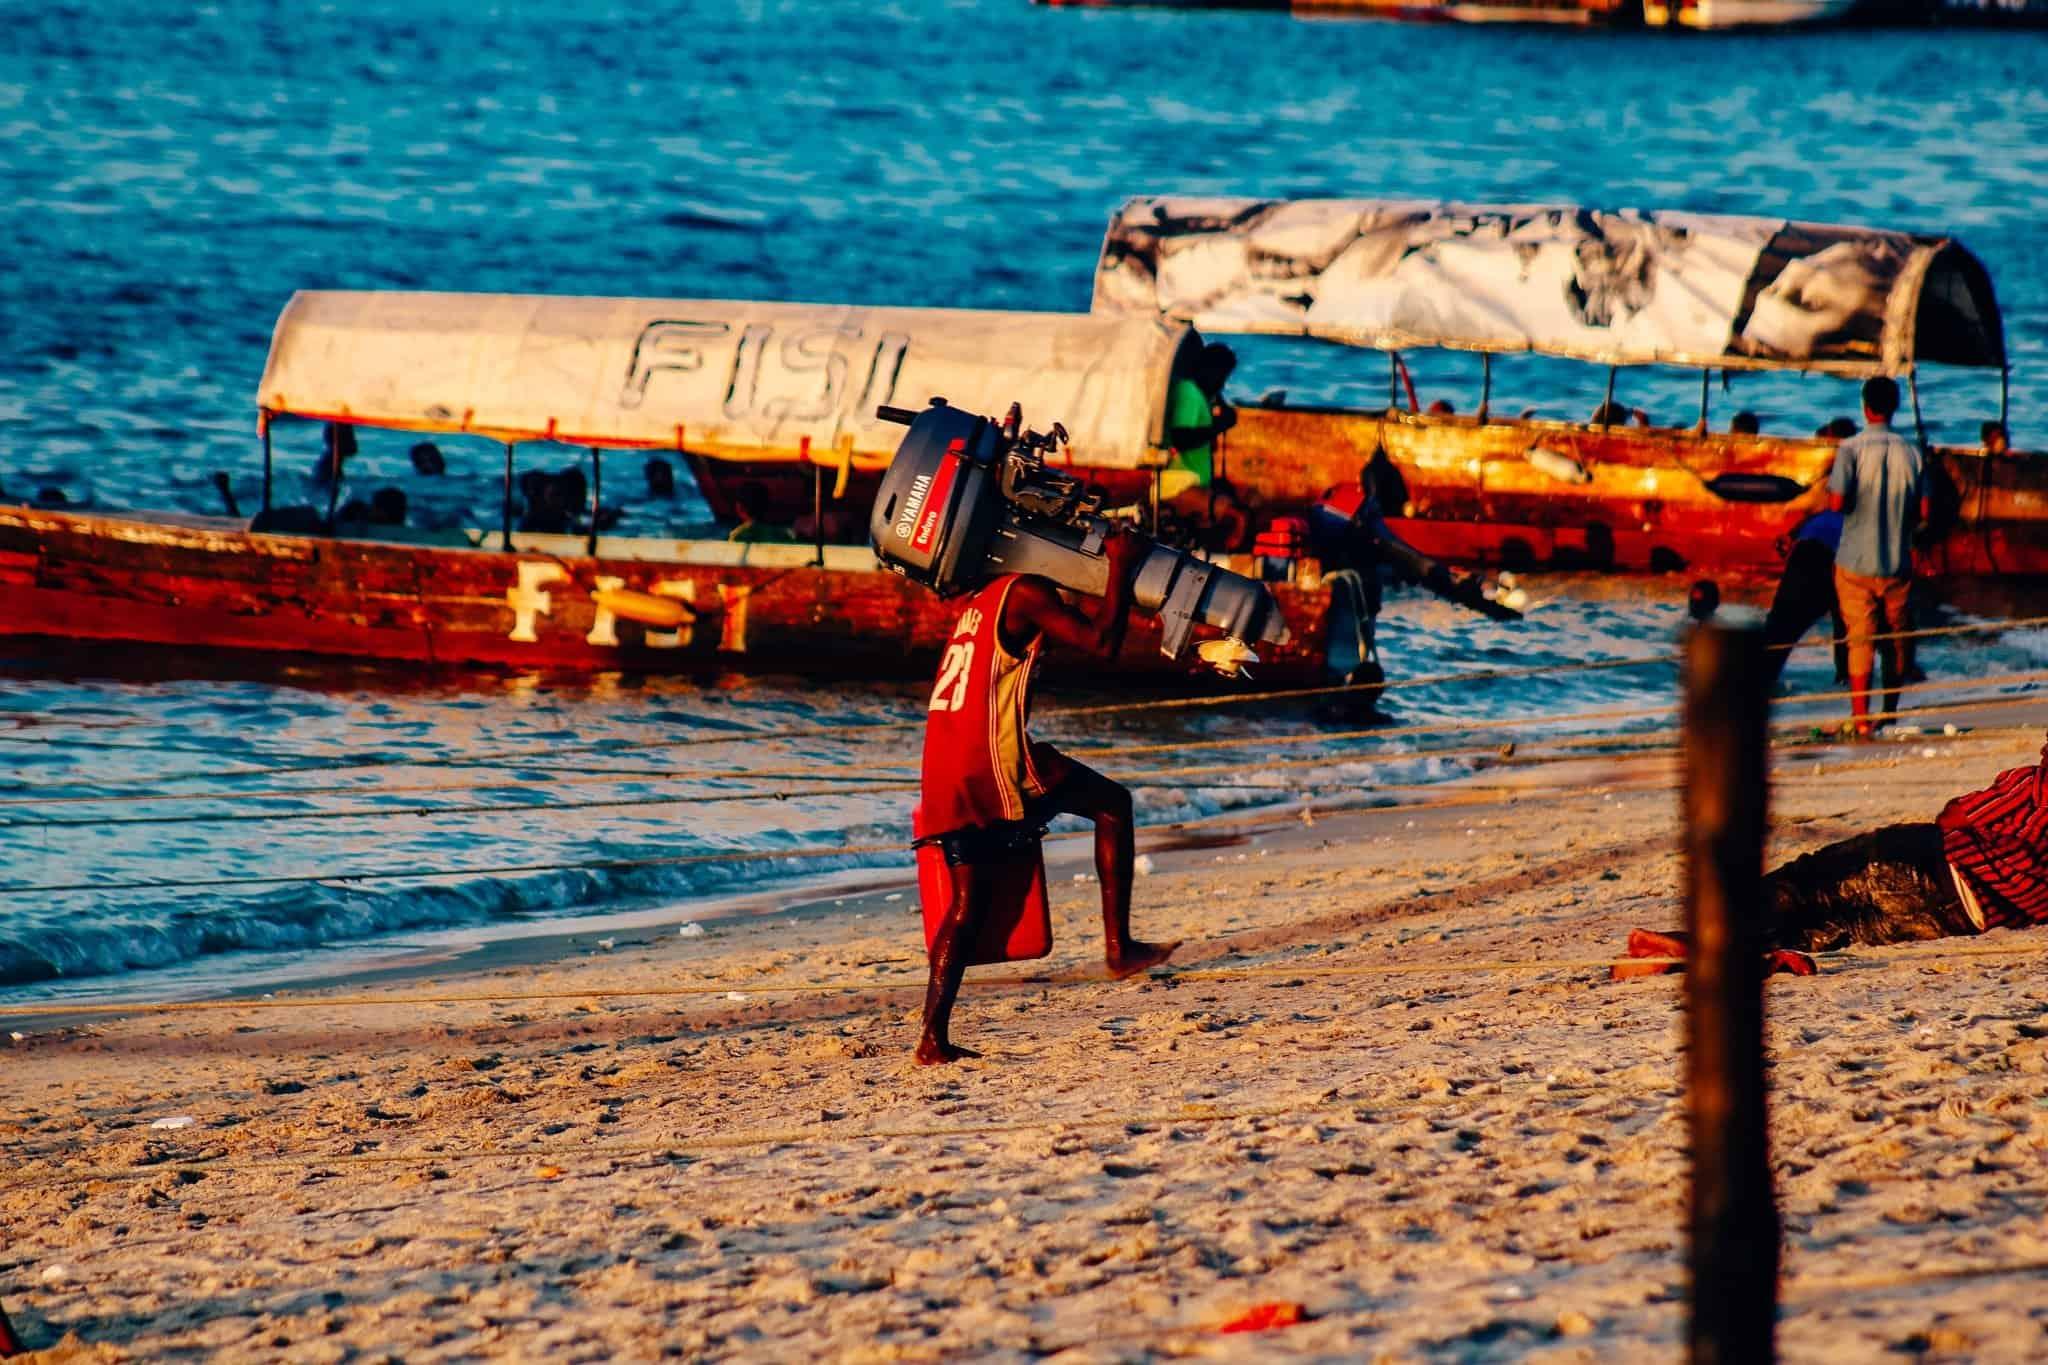 Visions of Zanzibar - Sunset